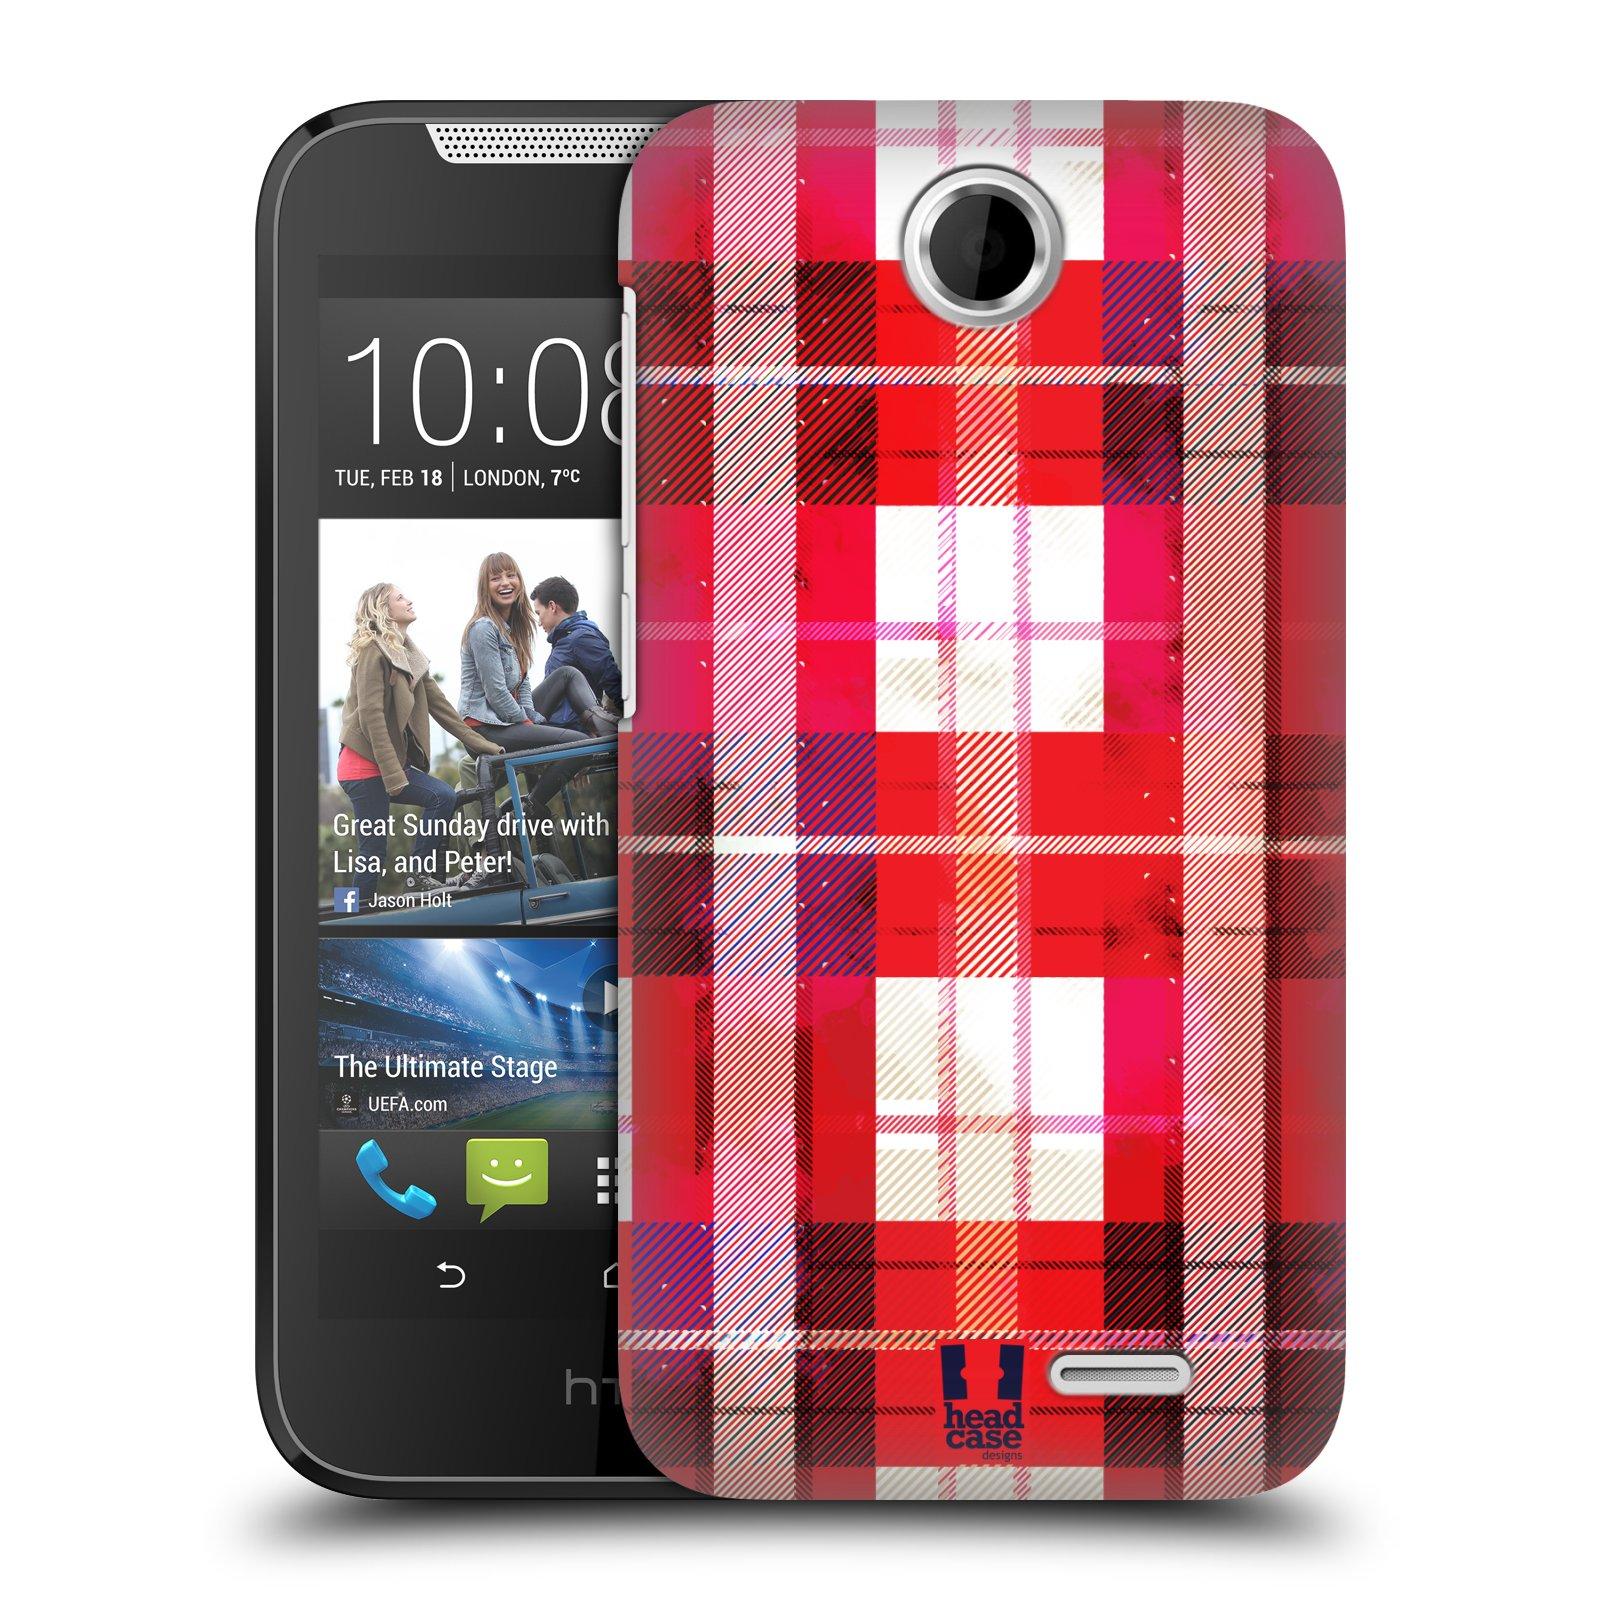 Plastové pouzdro na mobil HTC Desire 310 HEAD CASE FLANEL RED (Kryt či obal na mobilní telefon HTC Desire 310)